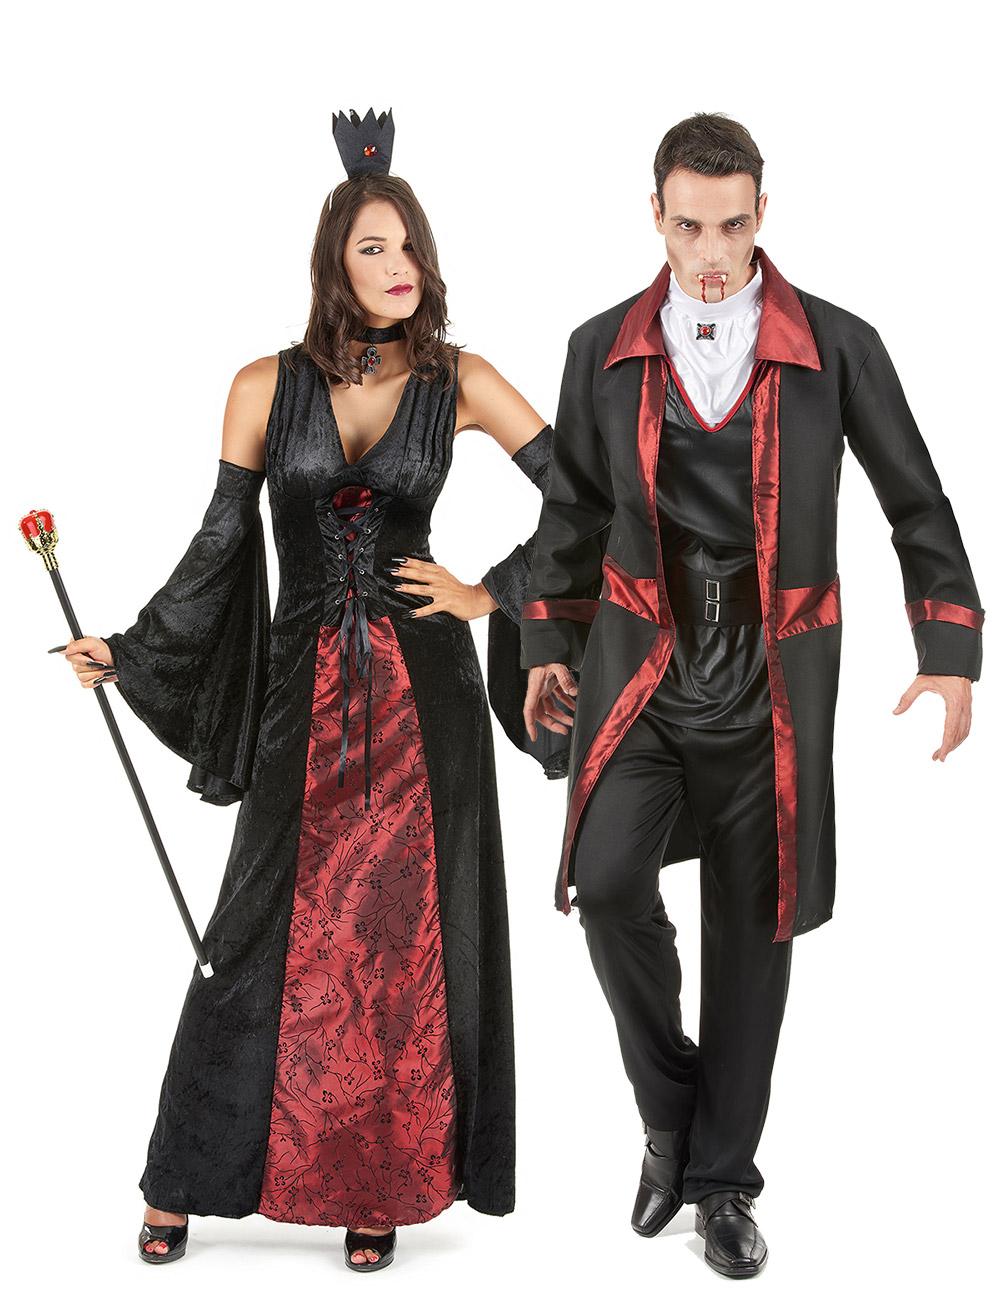 risparmia fino all'80% sito web per lo sconto eccezionale gamma di stili e colori Costume coppia di vampiri rosso e nero Halloween